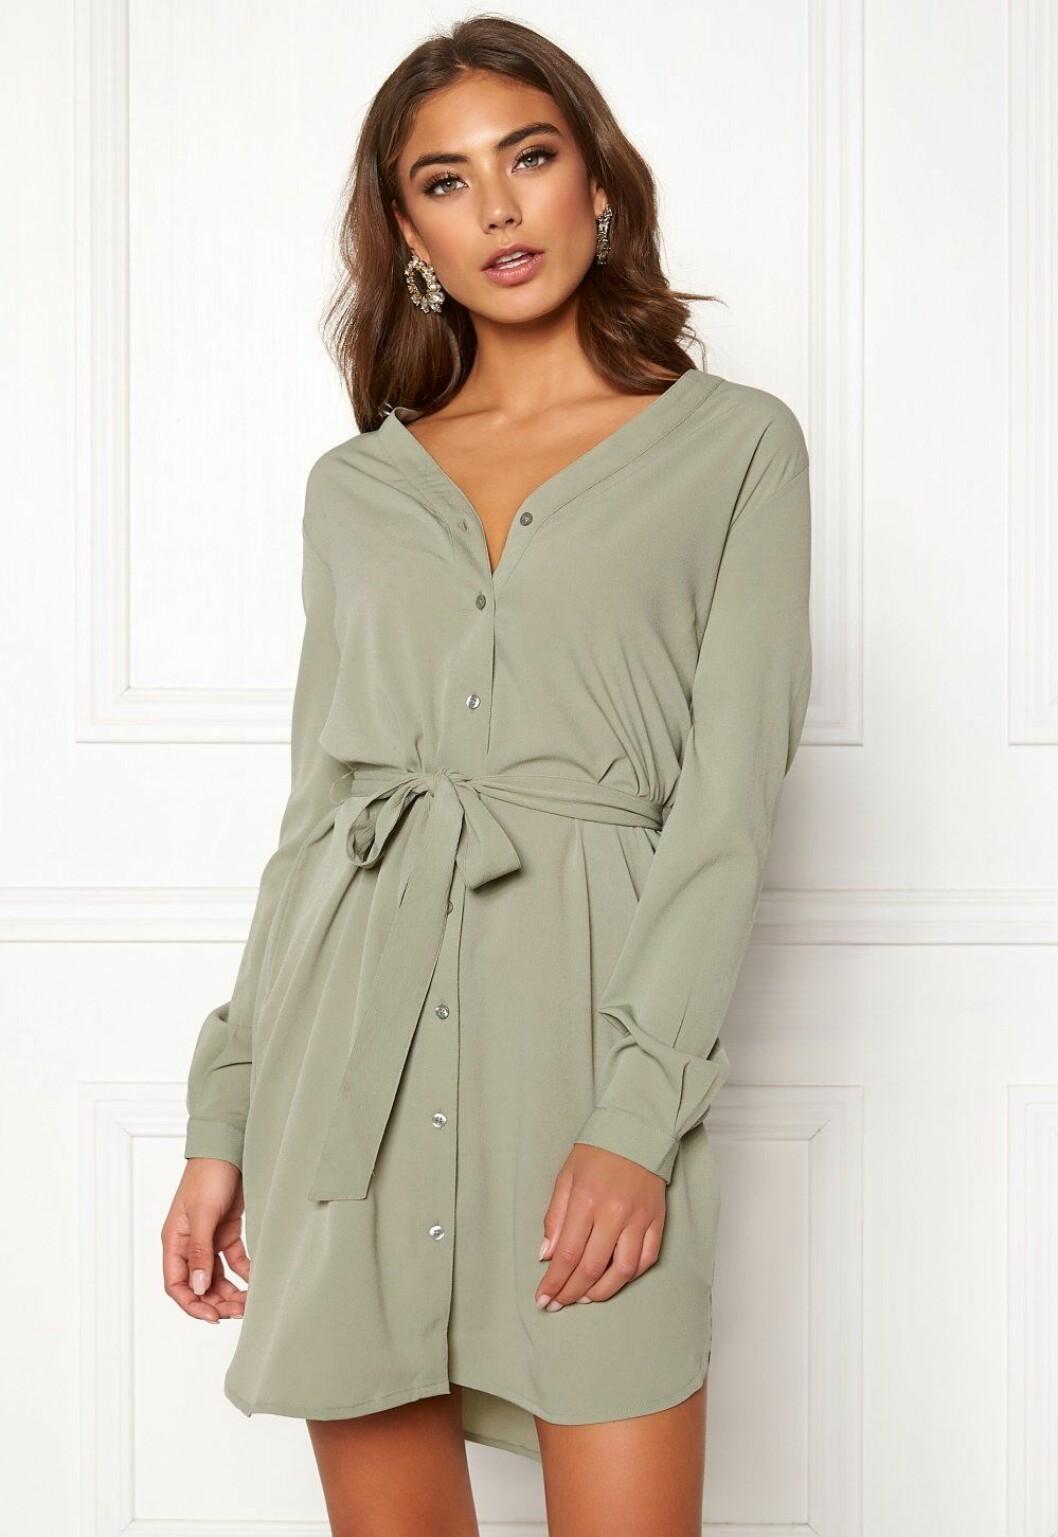 Grön klänning med lång arm till skolavslutningen 2019